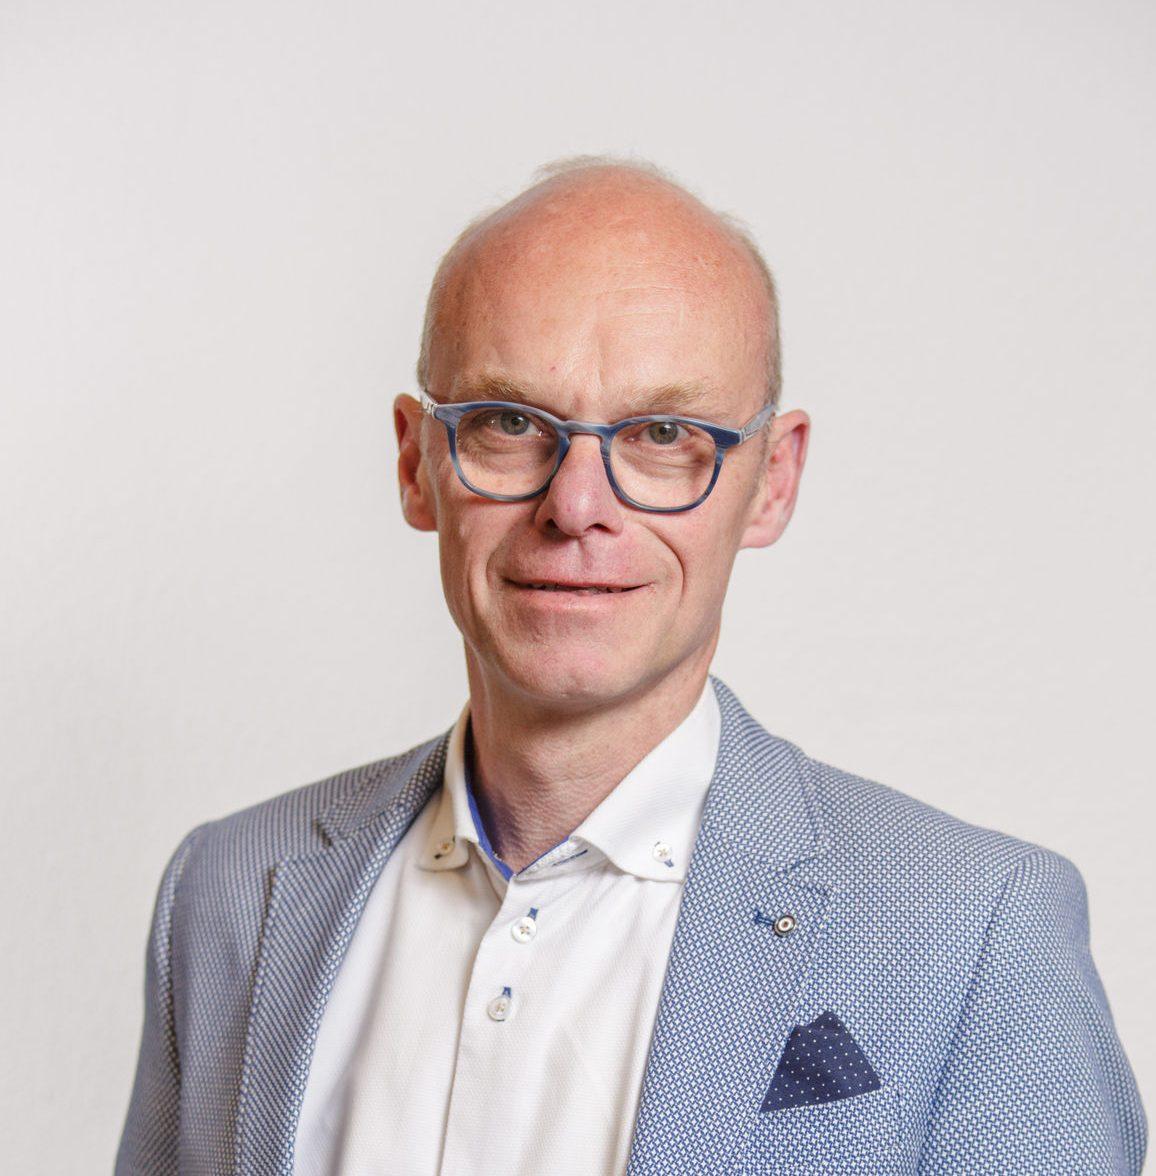 Verpleegkundig leiderschap werkt Recensie - Maurits Dekker